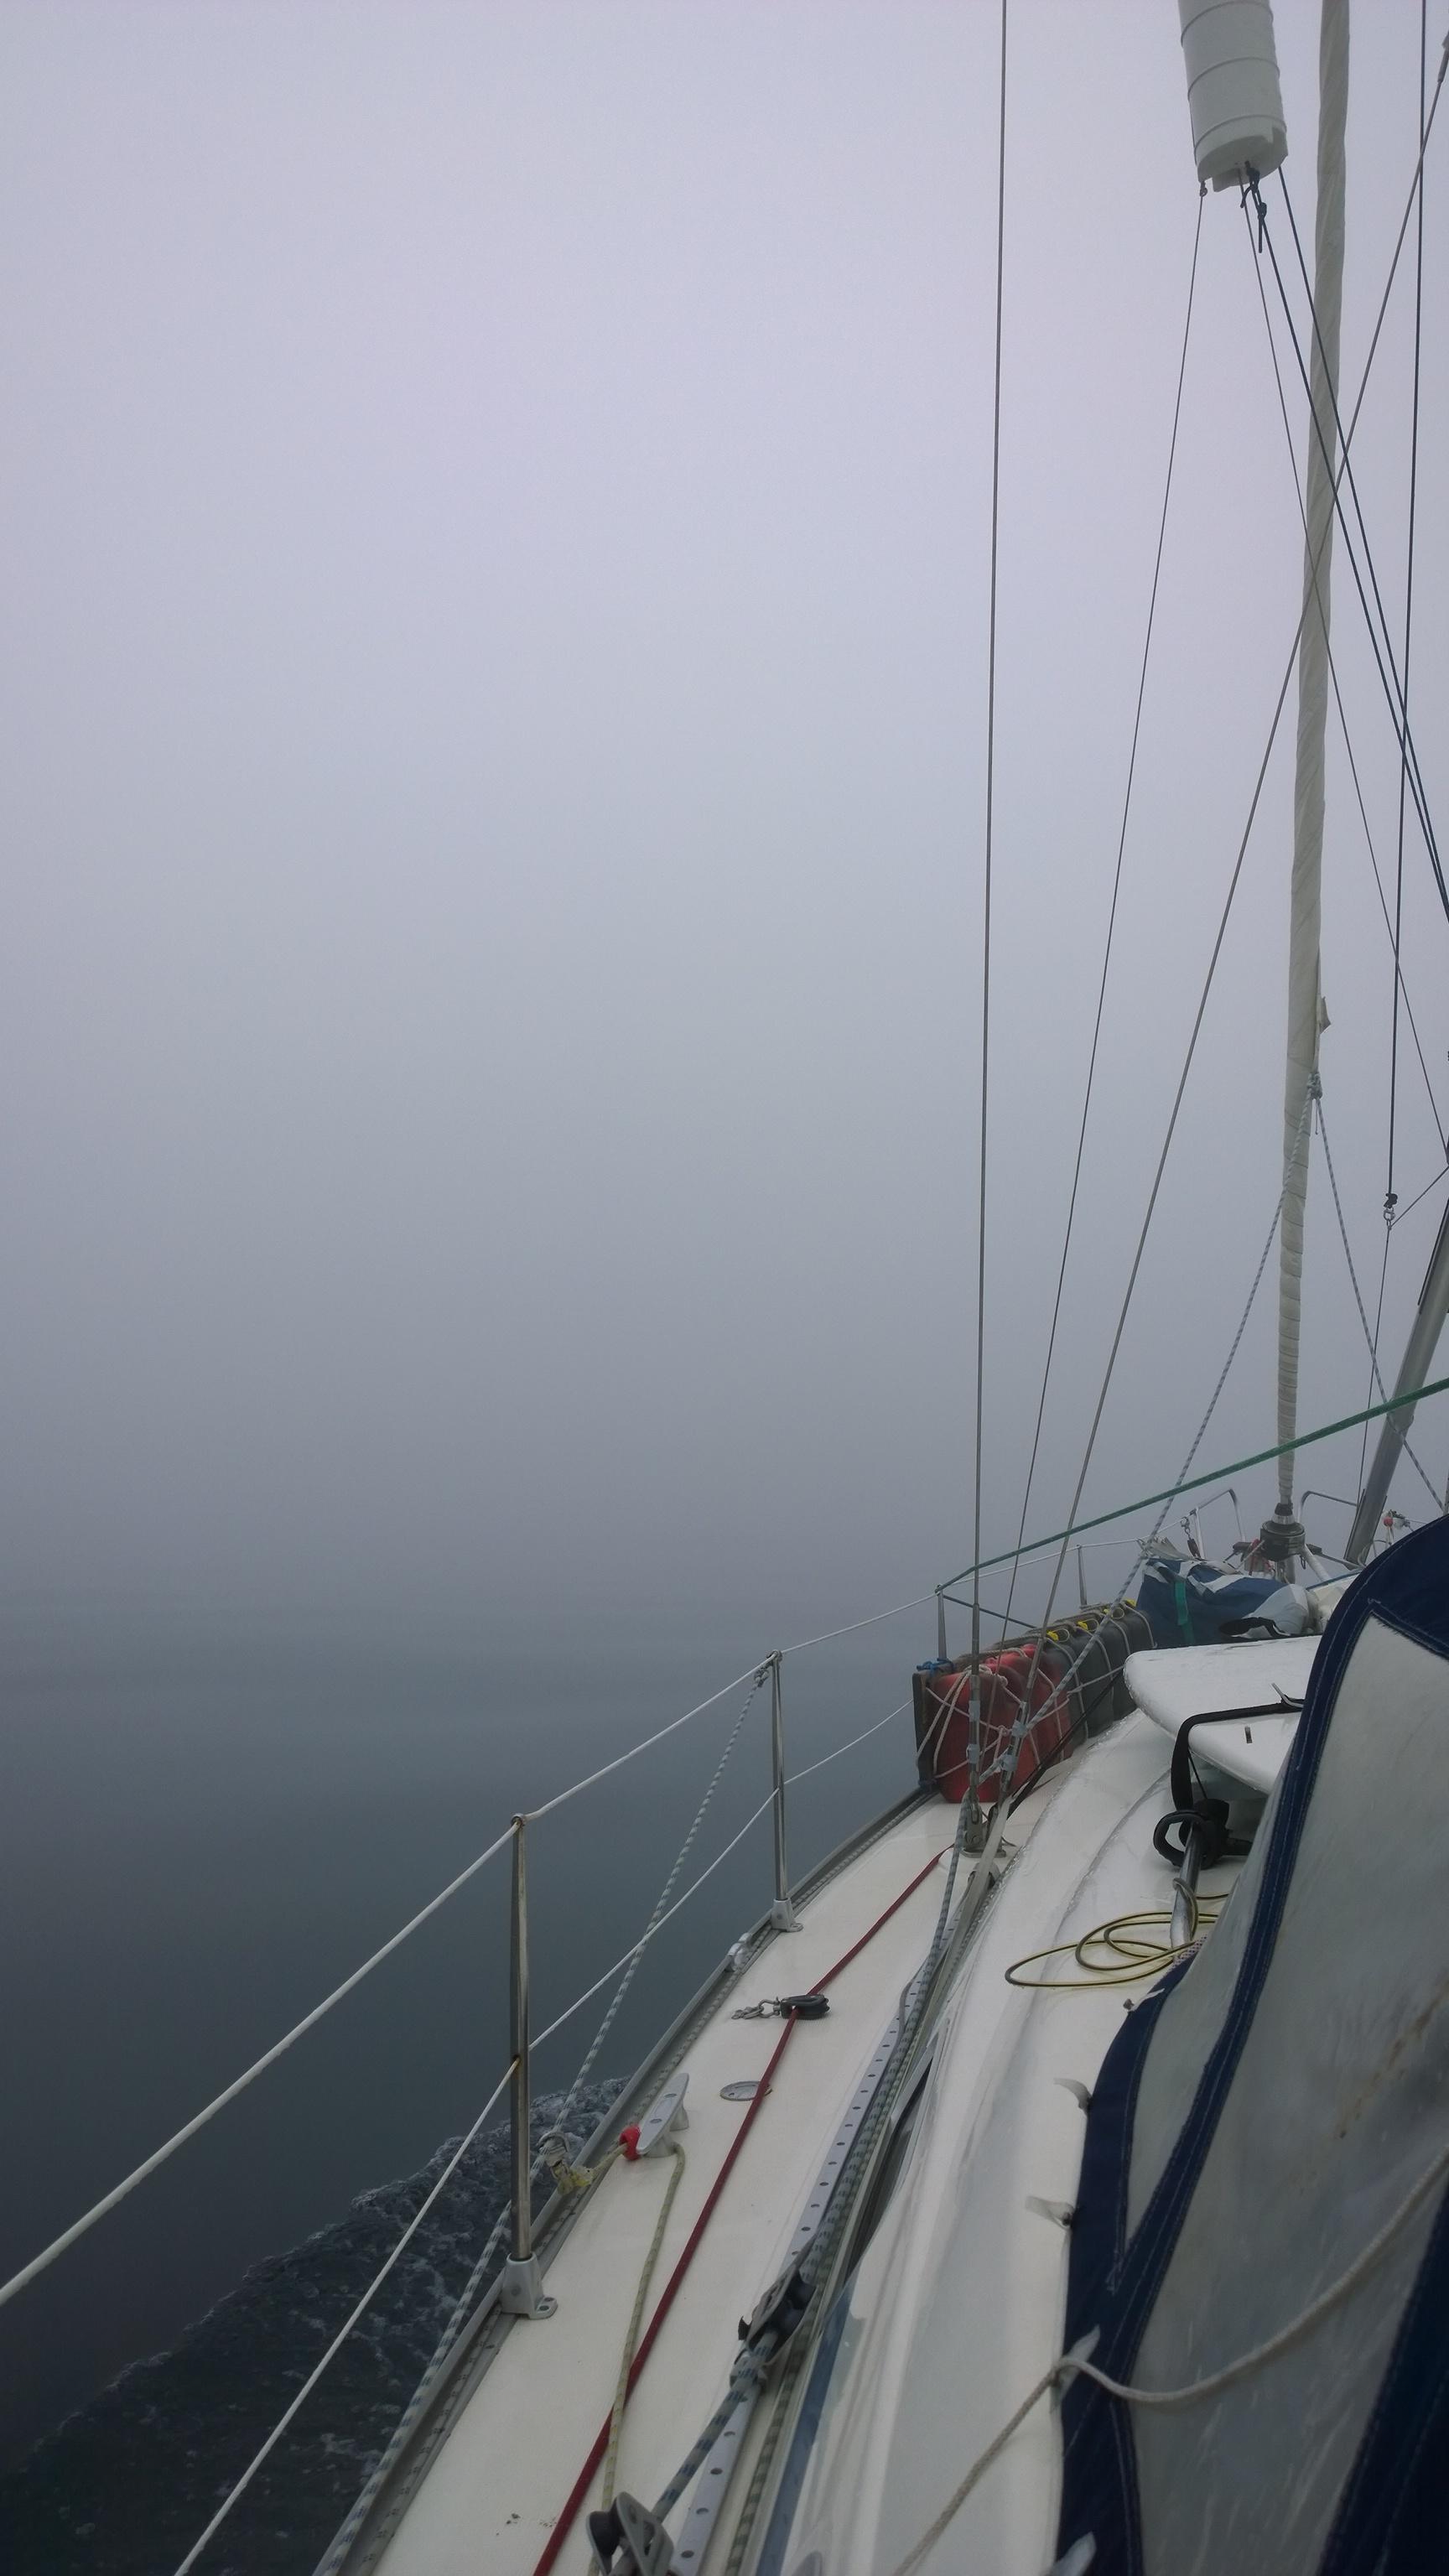 Olihan tämä aivan epätodellisen näköistä. Aivan tyyntä ja sakea sumu. Olimmeko todella Atlantilla?